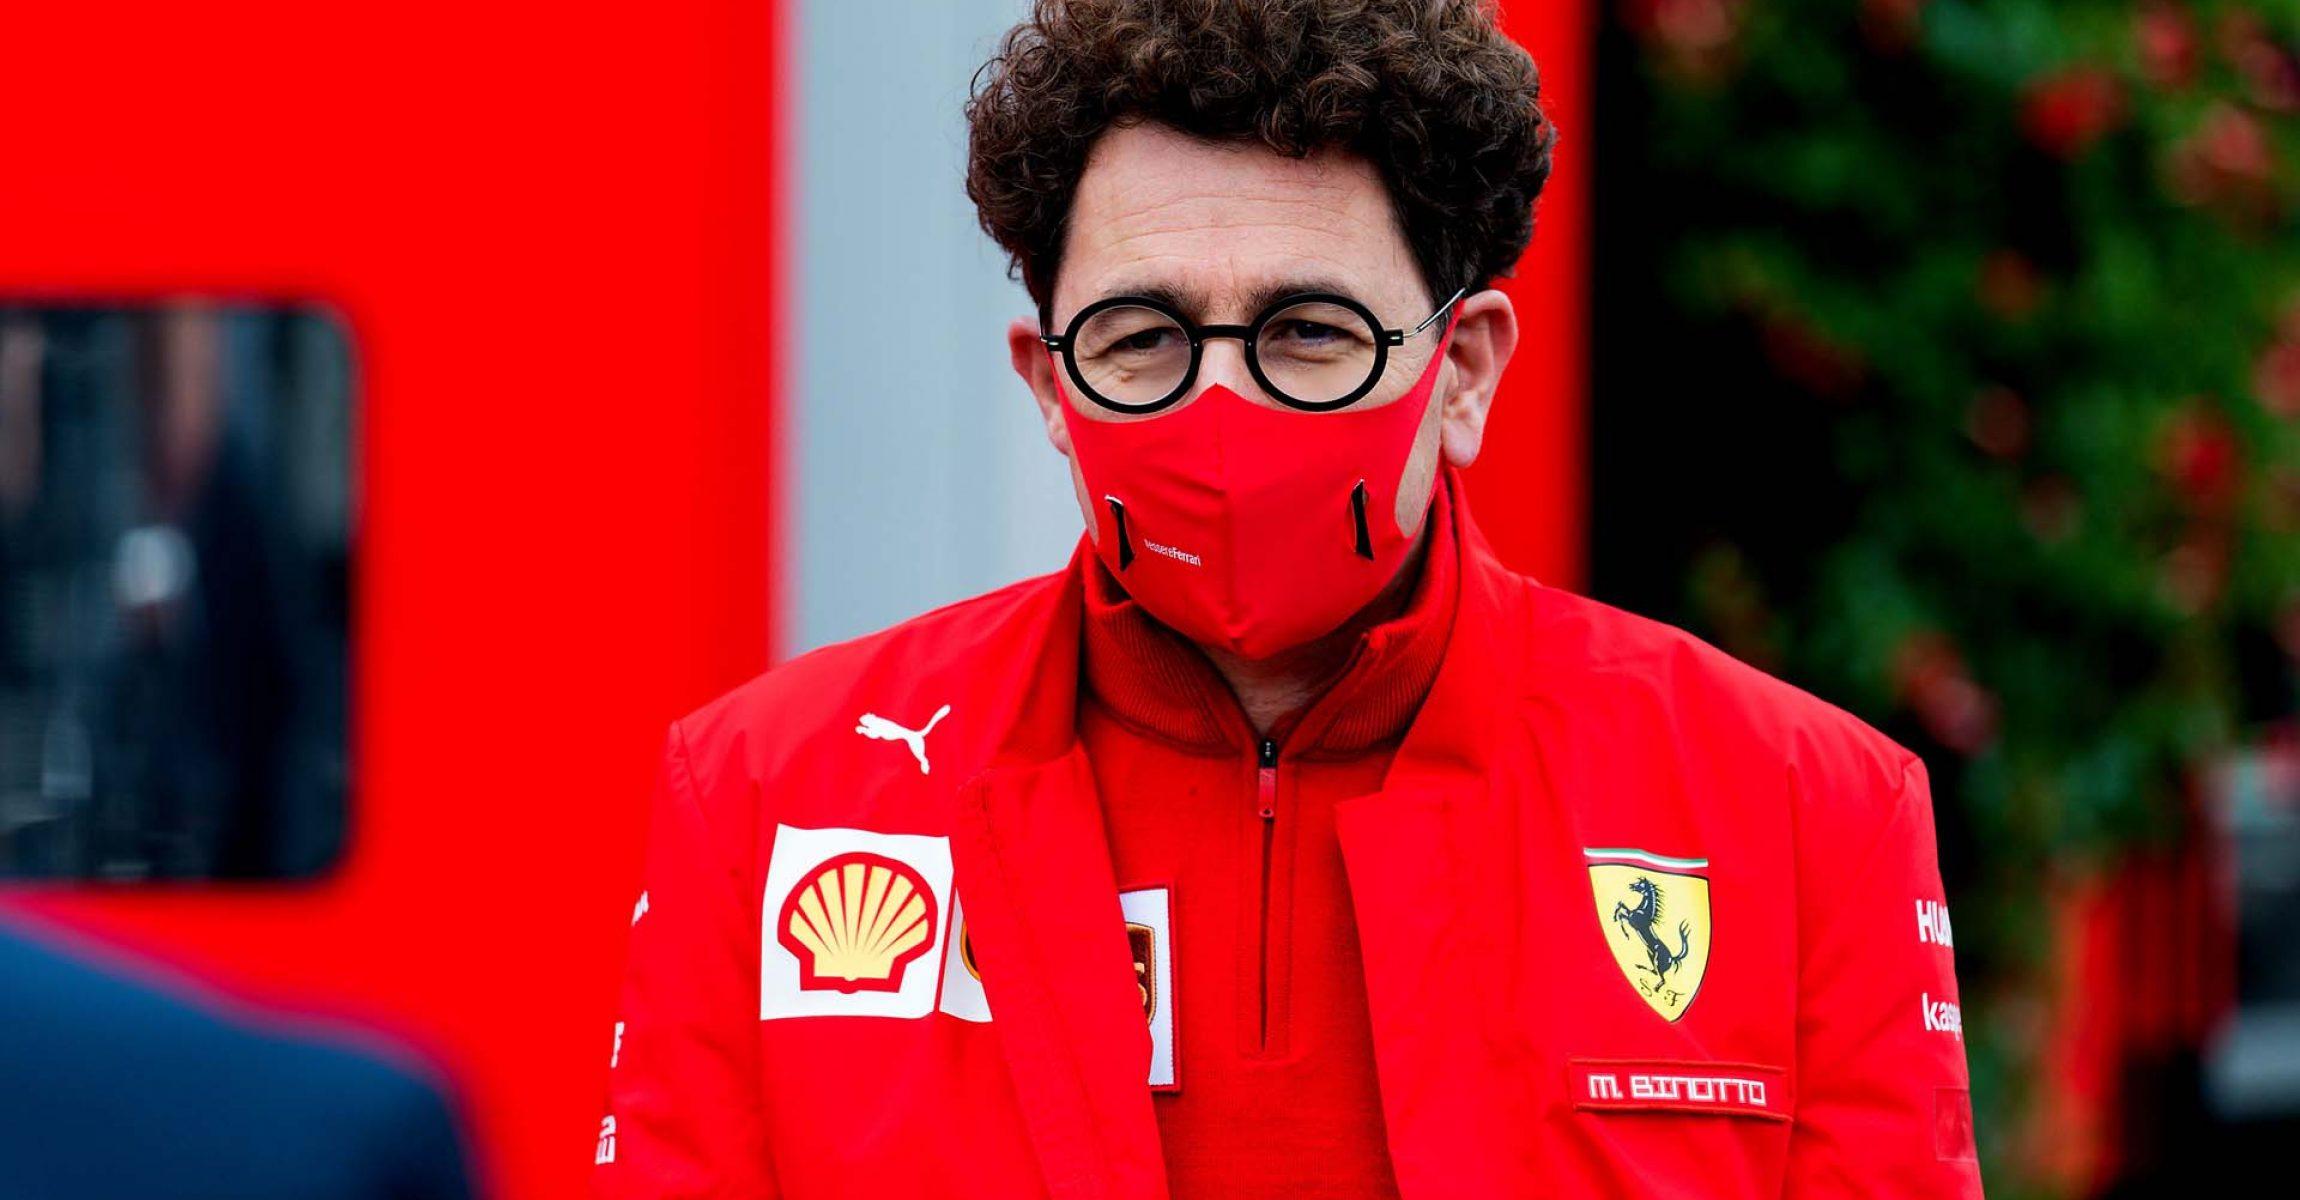 GP BELGIO F1/2020 -  SABATO 29/08/2020    credit: @Scuderia Ferrari Press Office Mattia Binotto